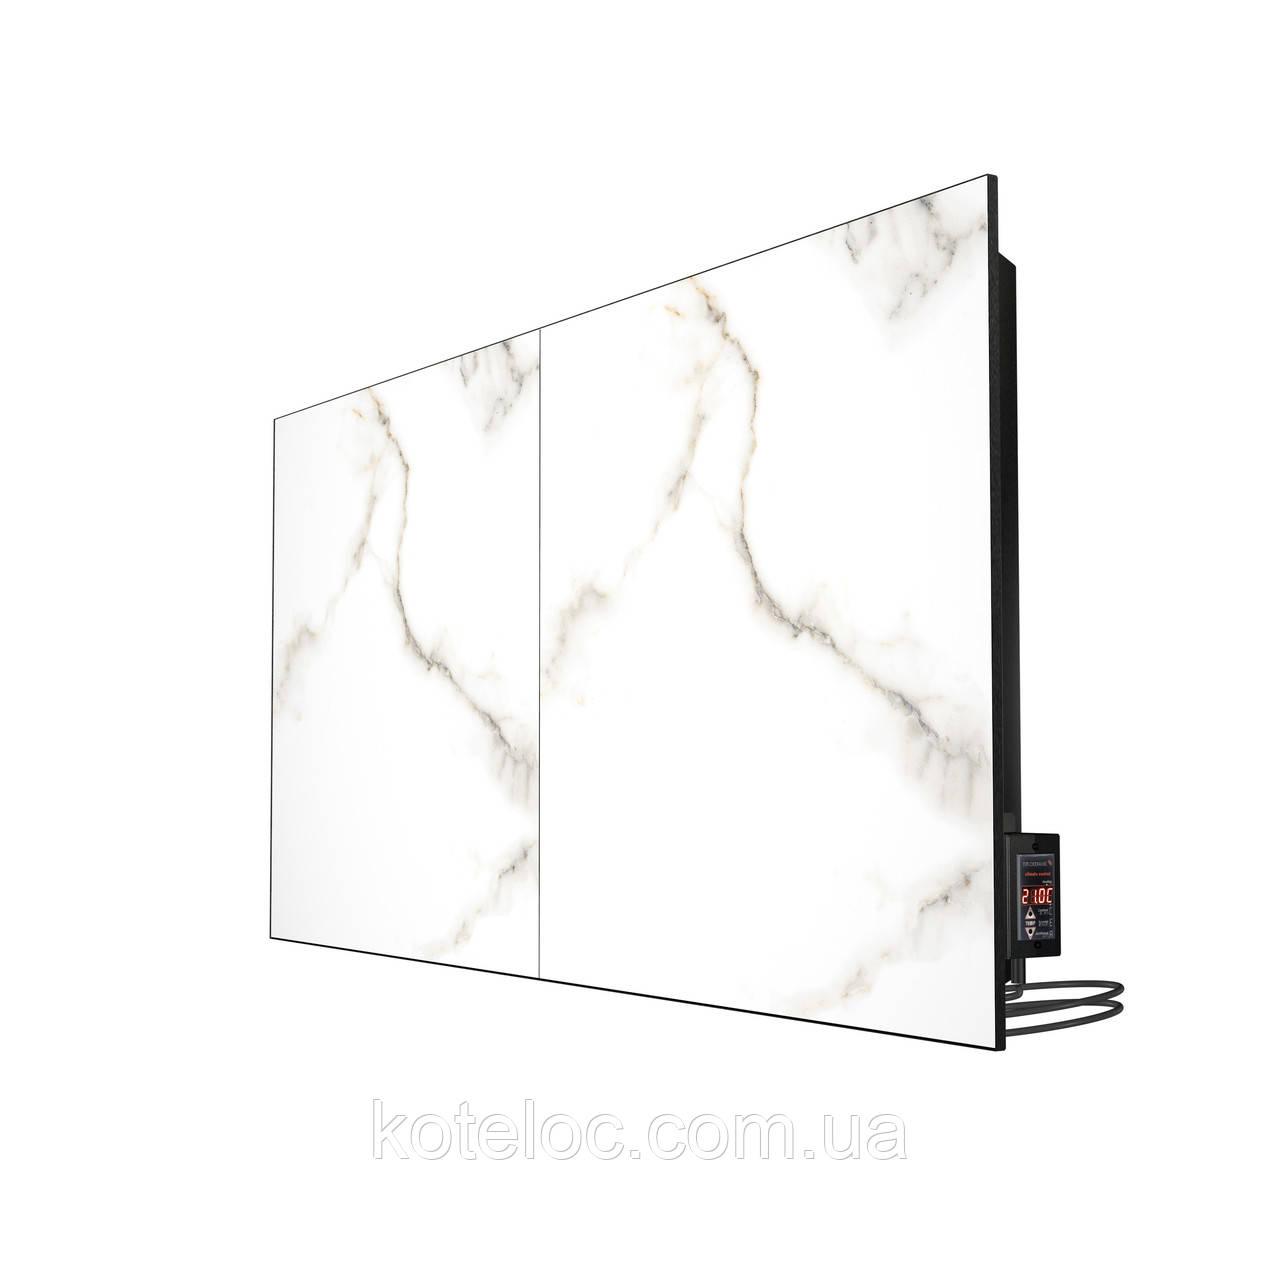 Керамическая панель TC1000C (WhiteMarble)